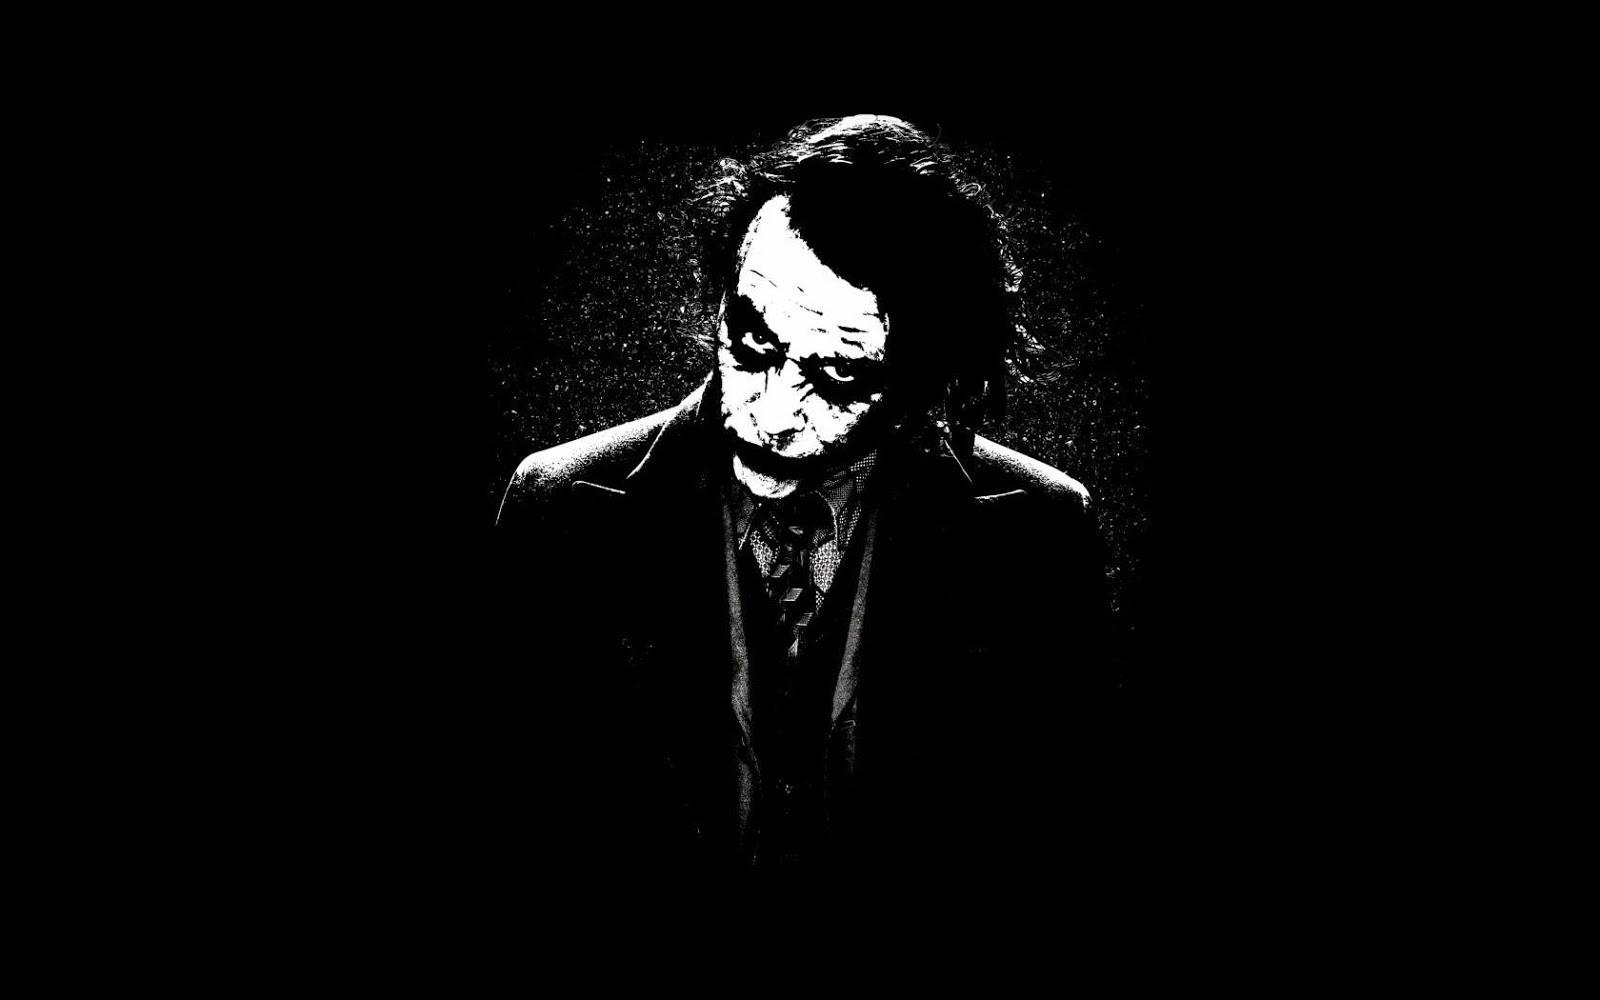 Fondo De Pantalla Abstracto Bolas Azules: Fondo De Pantalla Abstracto El Joker Batman